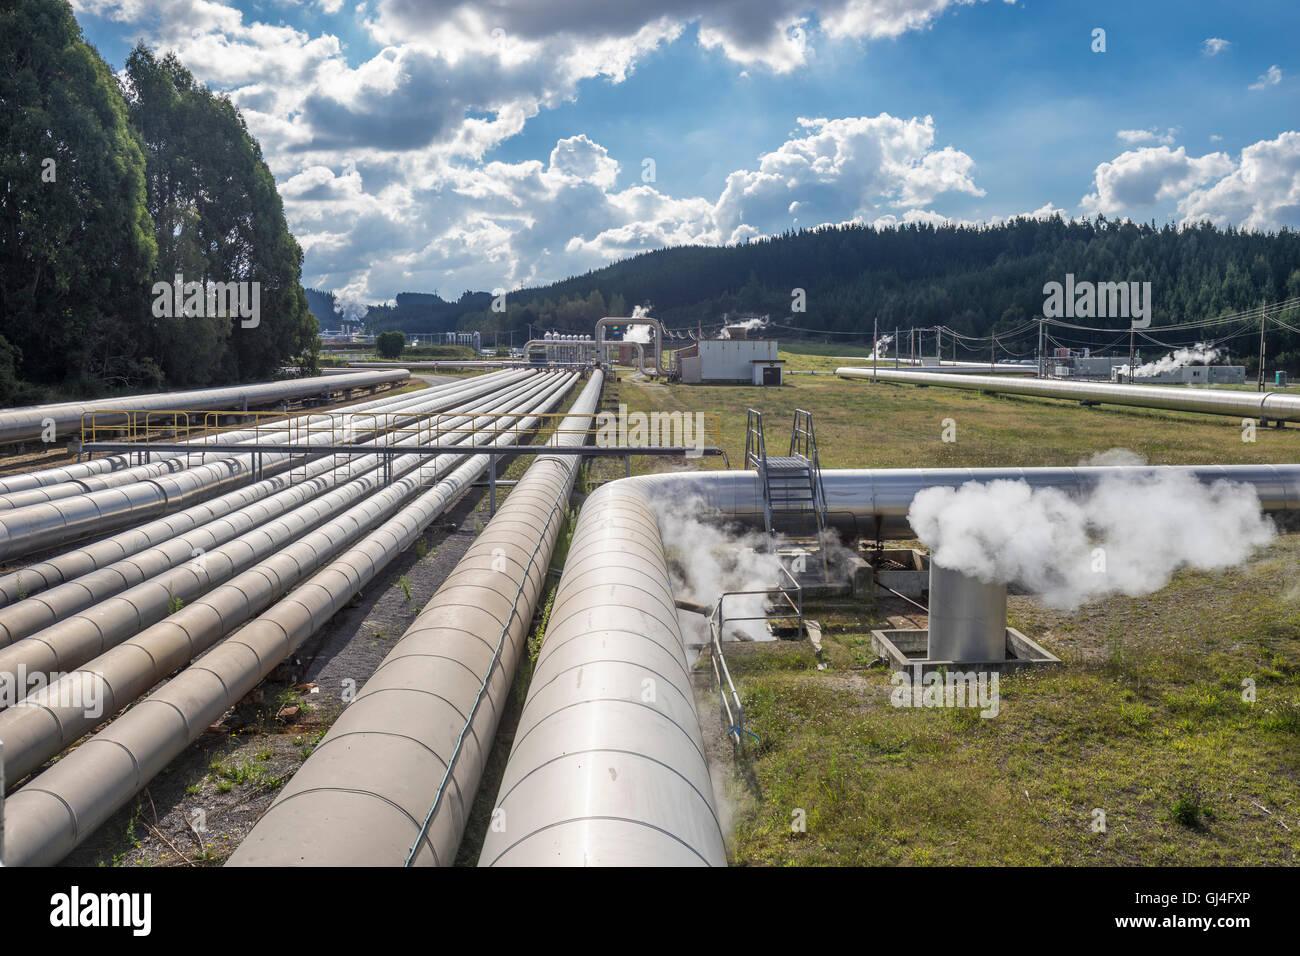 L'énergie géothermique, près de Taupo Nouvelle Zélande Photo Stock